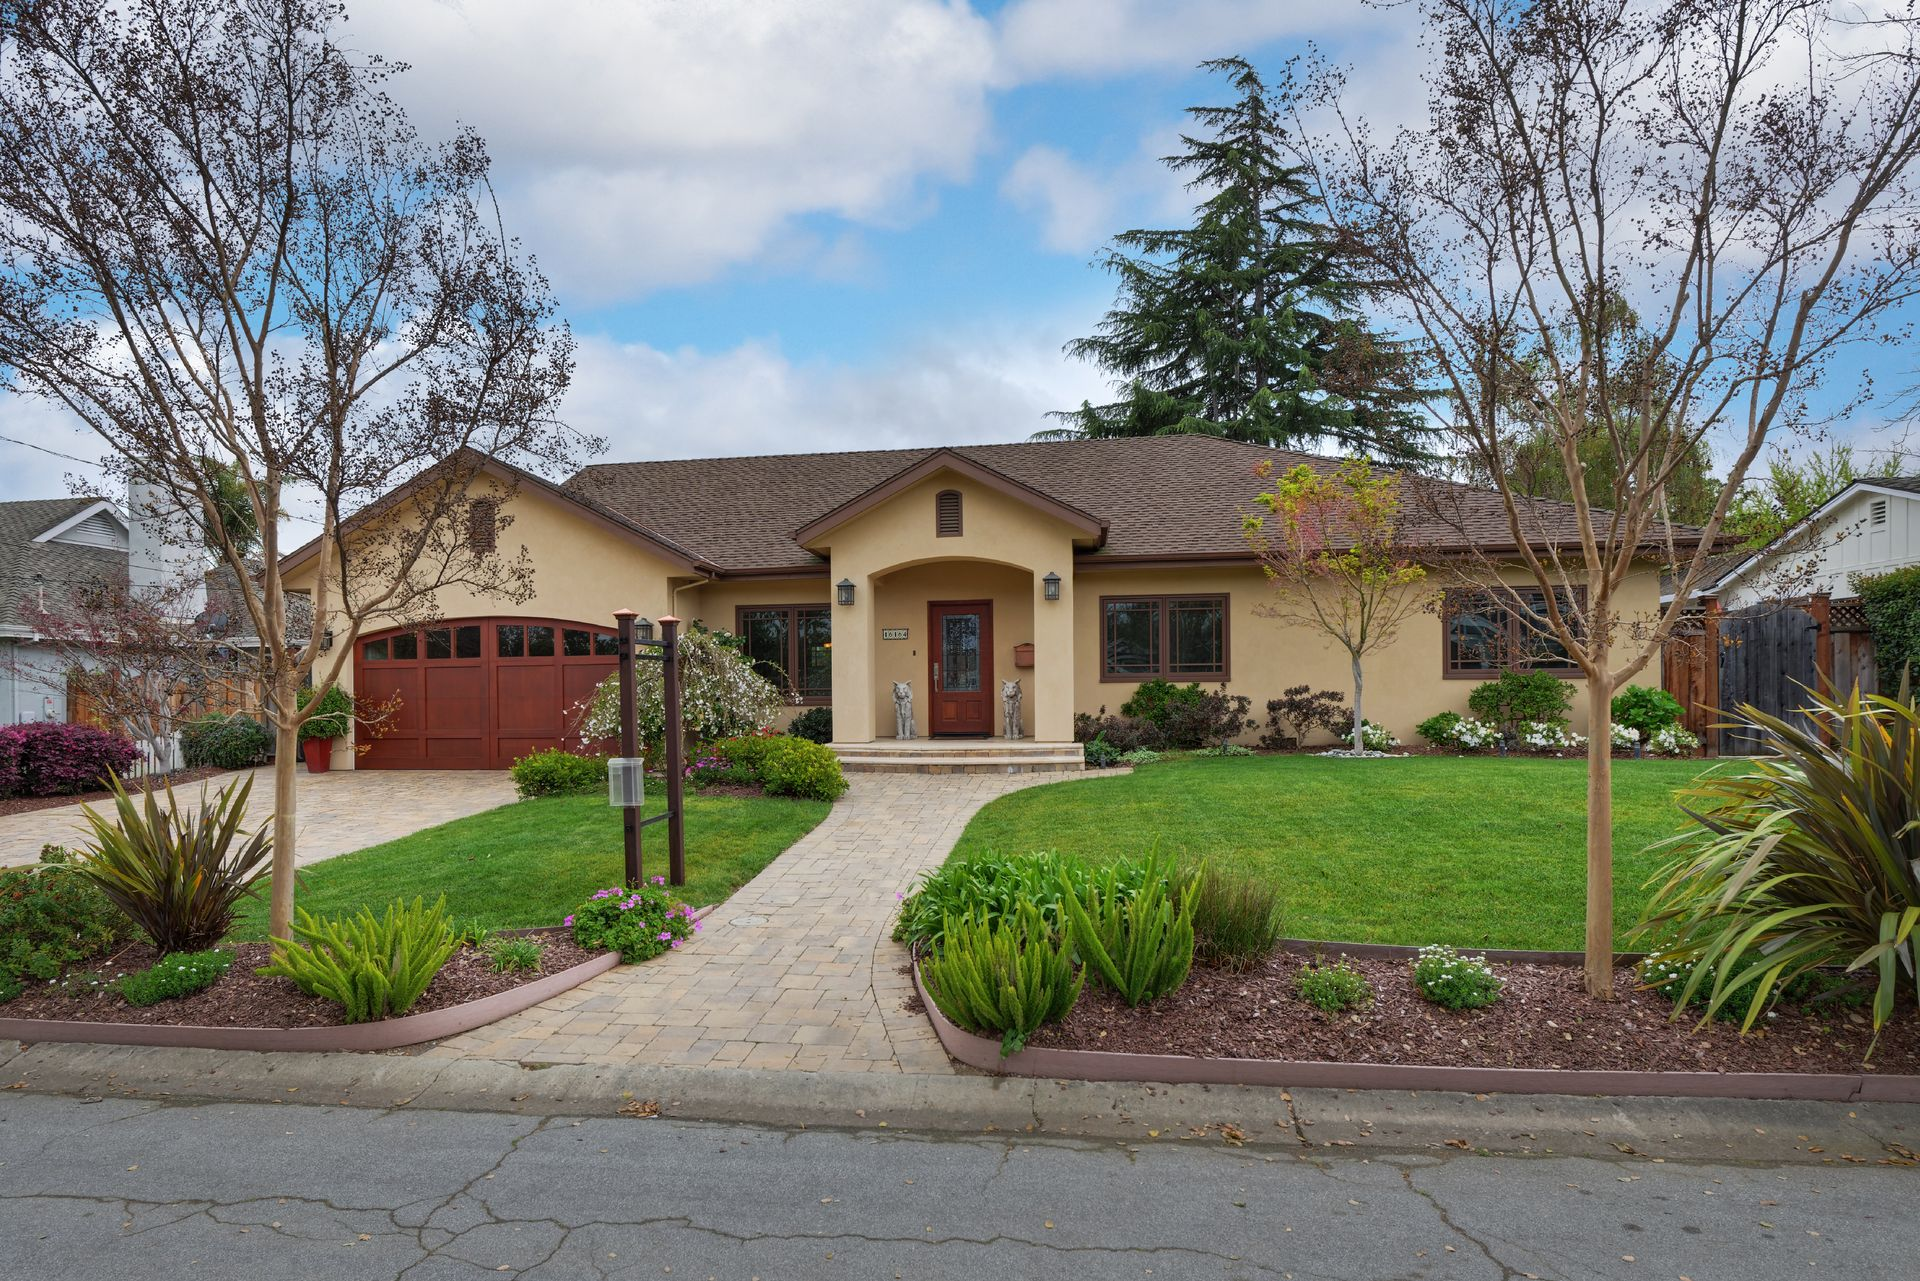 16164 Camellia Terrace, Los Gatos  3 bedrooms • 2 bathrooms • 2,331 sq. ft. • 8,225 sq. ft. lot